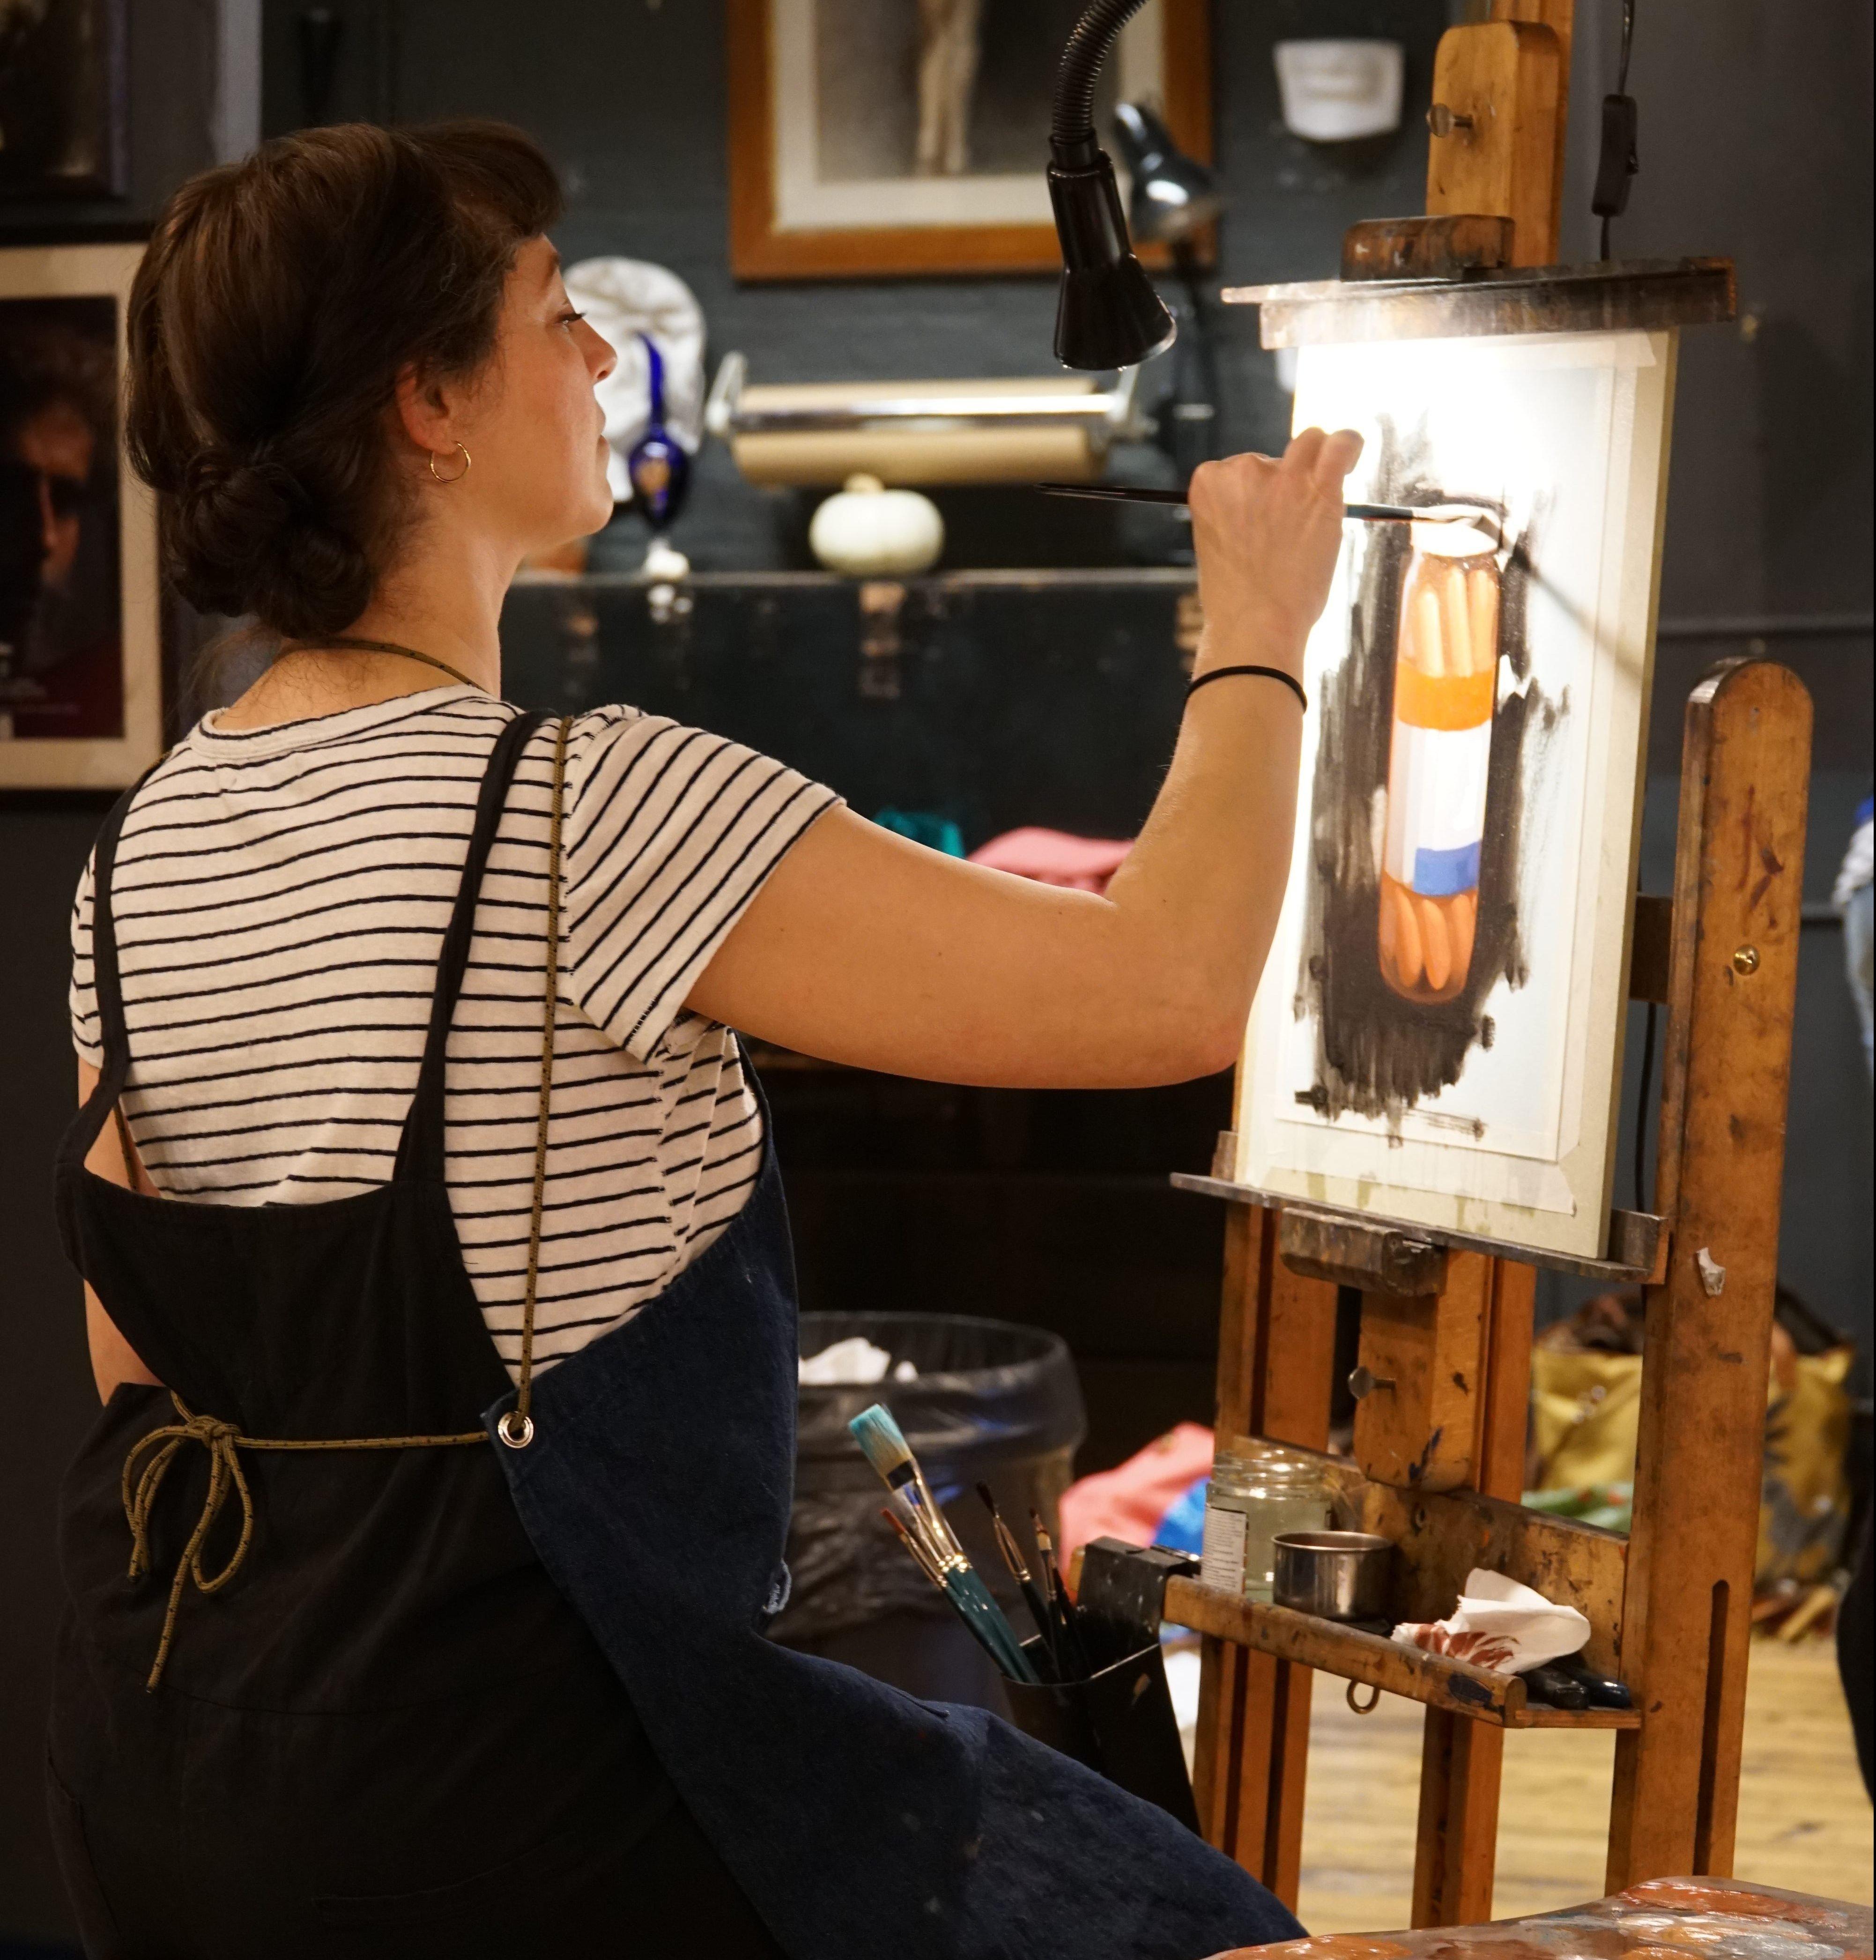 felicia forte workshop, london fine art workshop, london art workshop, london art classes, london fine arts, visiting artists in london, art workshop